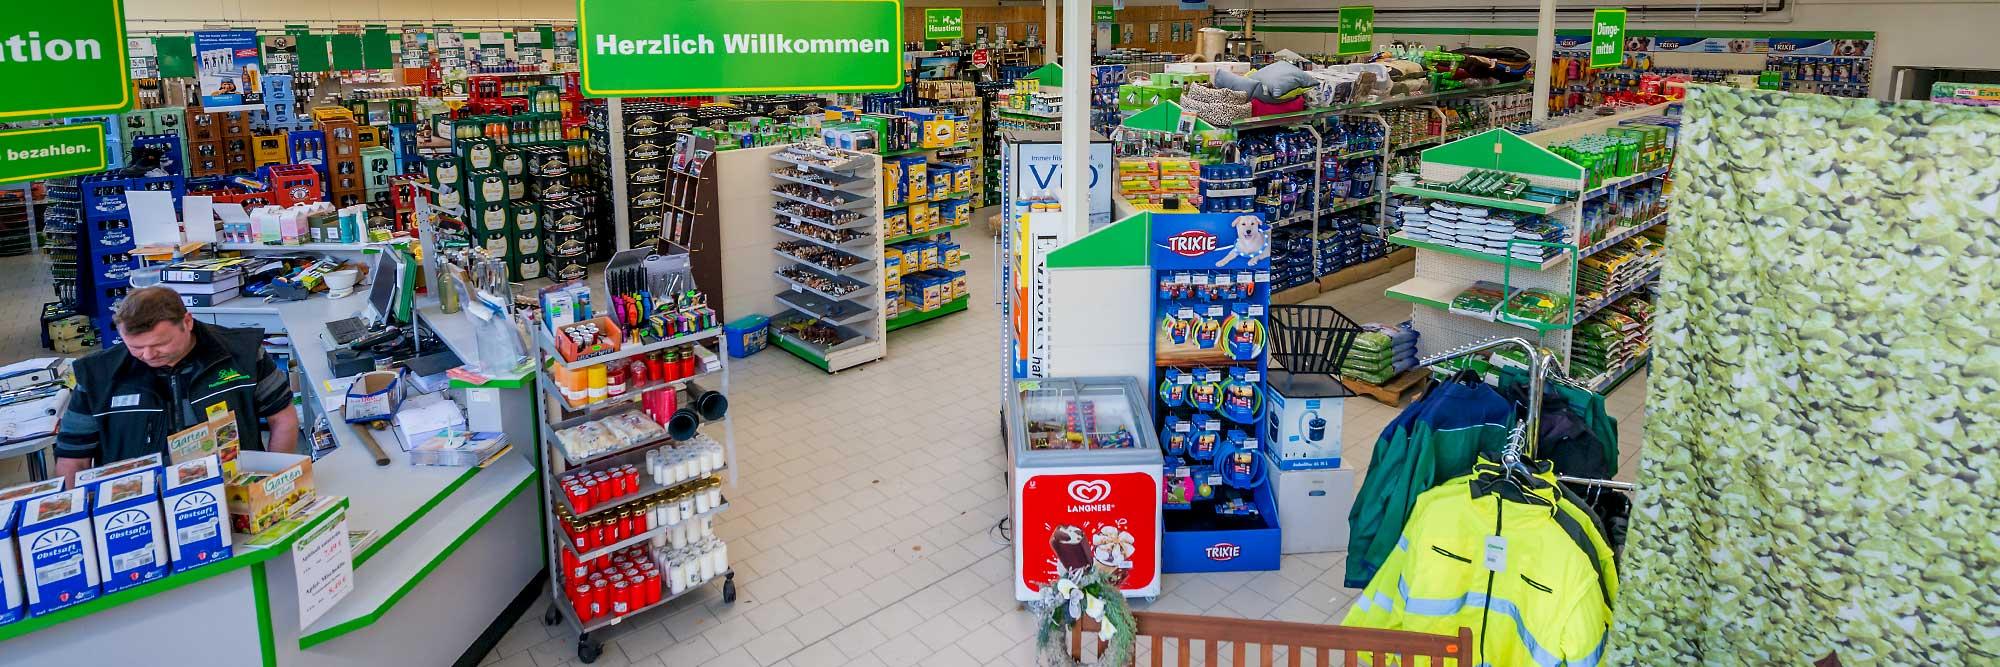 Raiffeisen Markt Rinkerode Übersicht